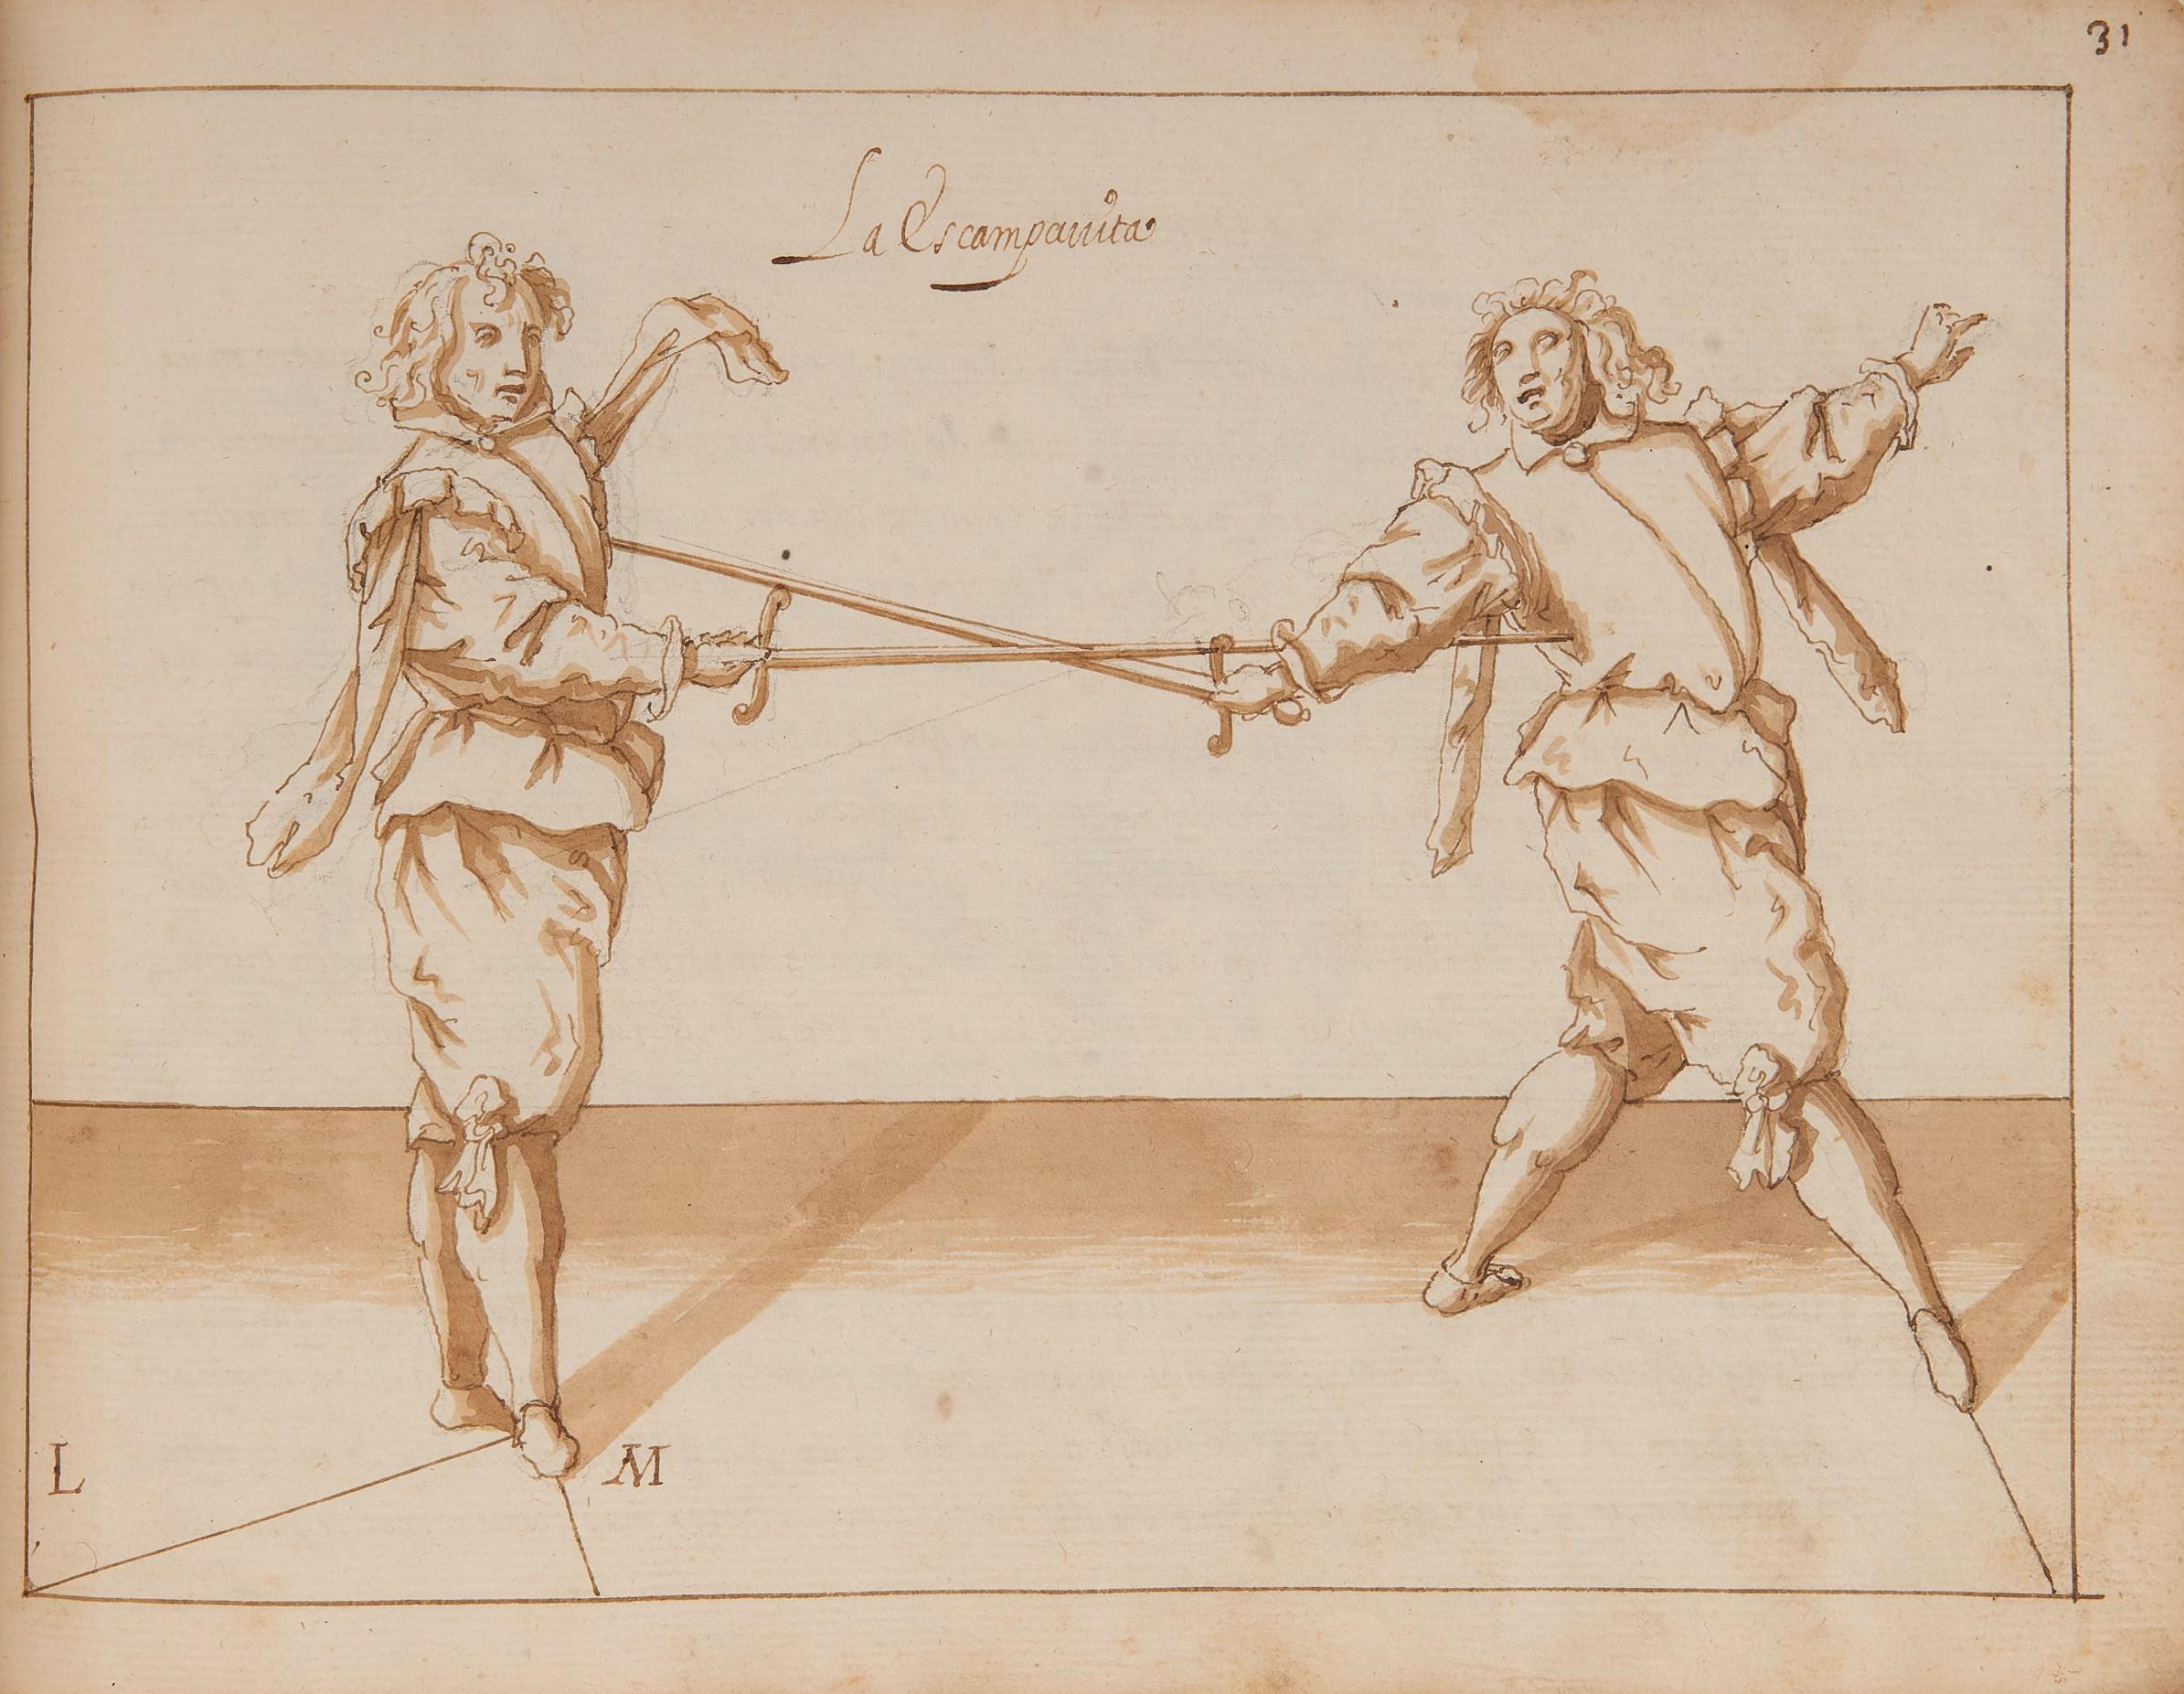 Lot 2617 - FERRARA, Ottavio (secolo XVII). Compendio y Philosophia y Destreza de las armas reducido a su